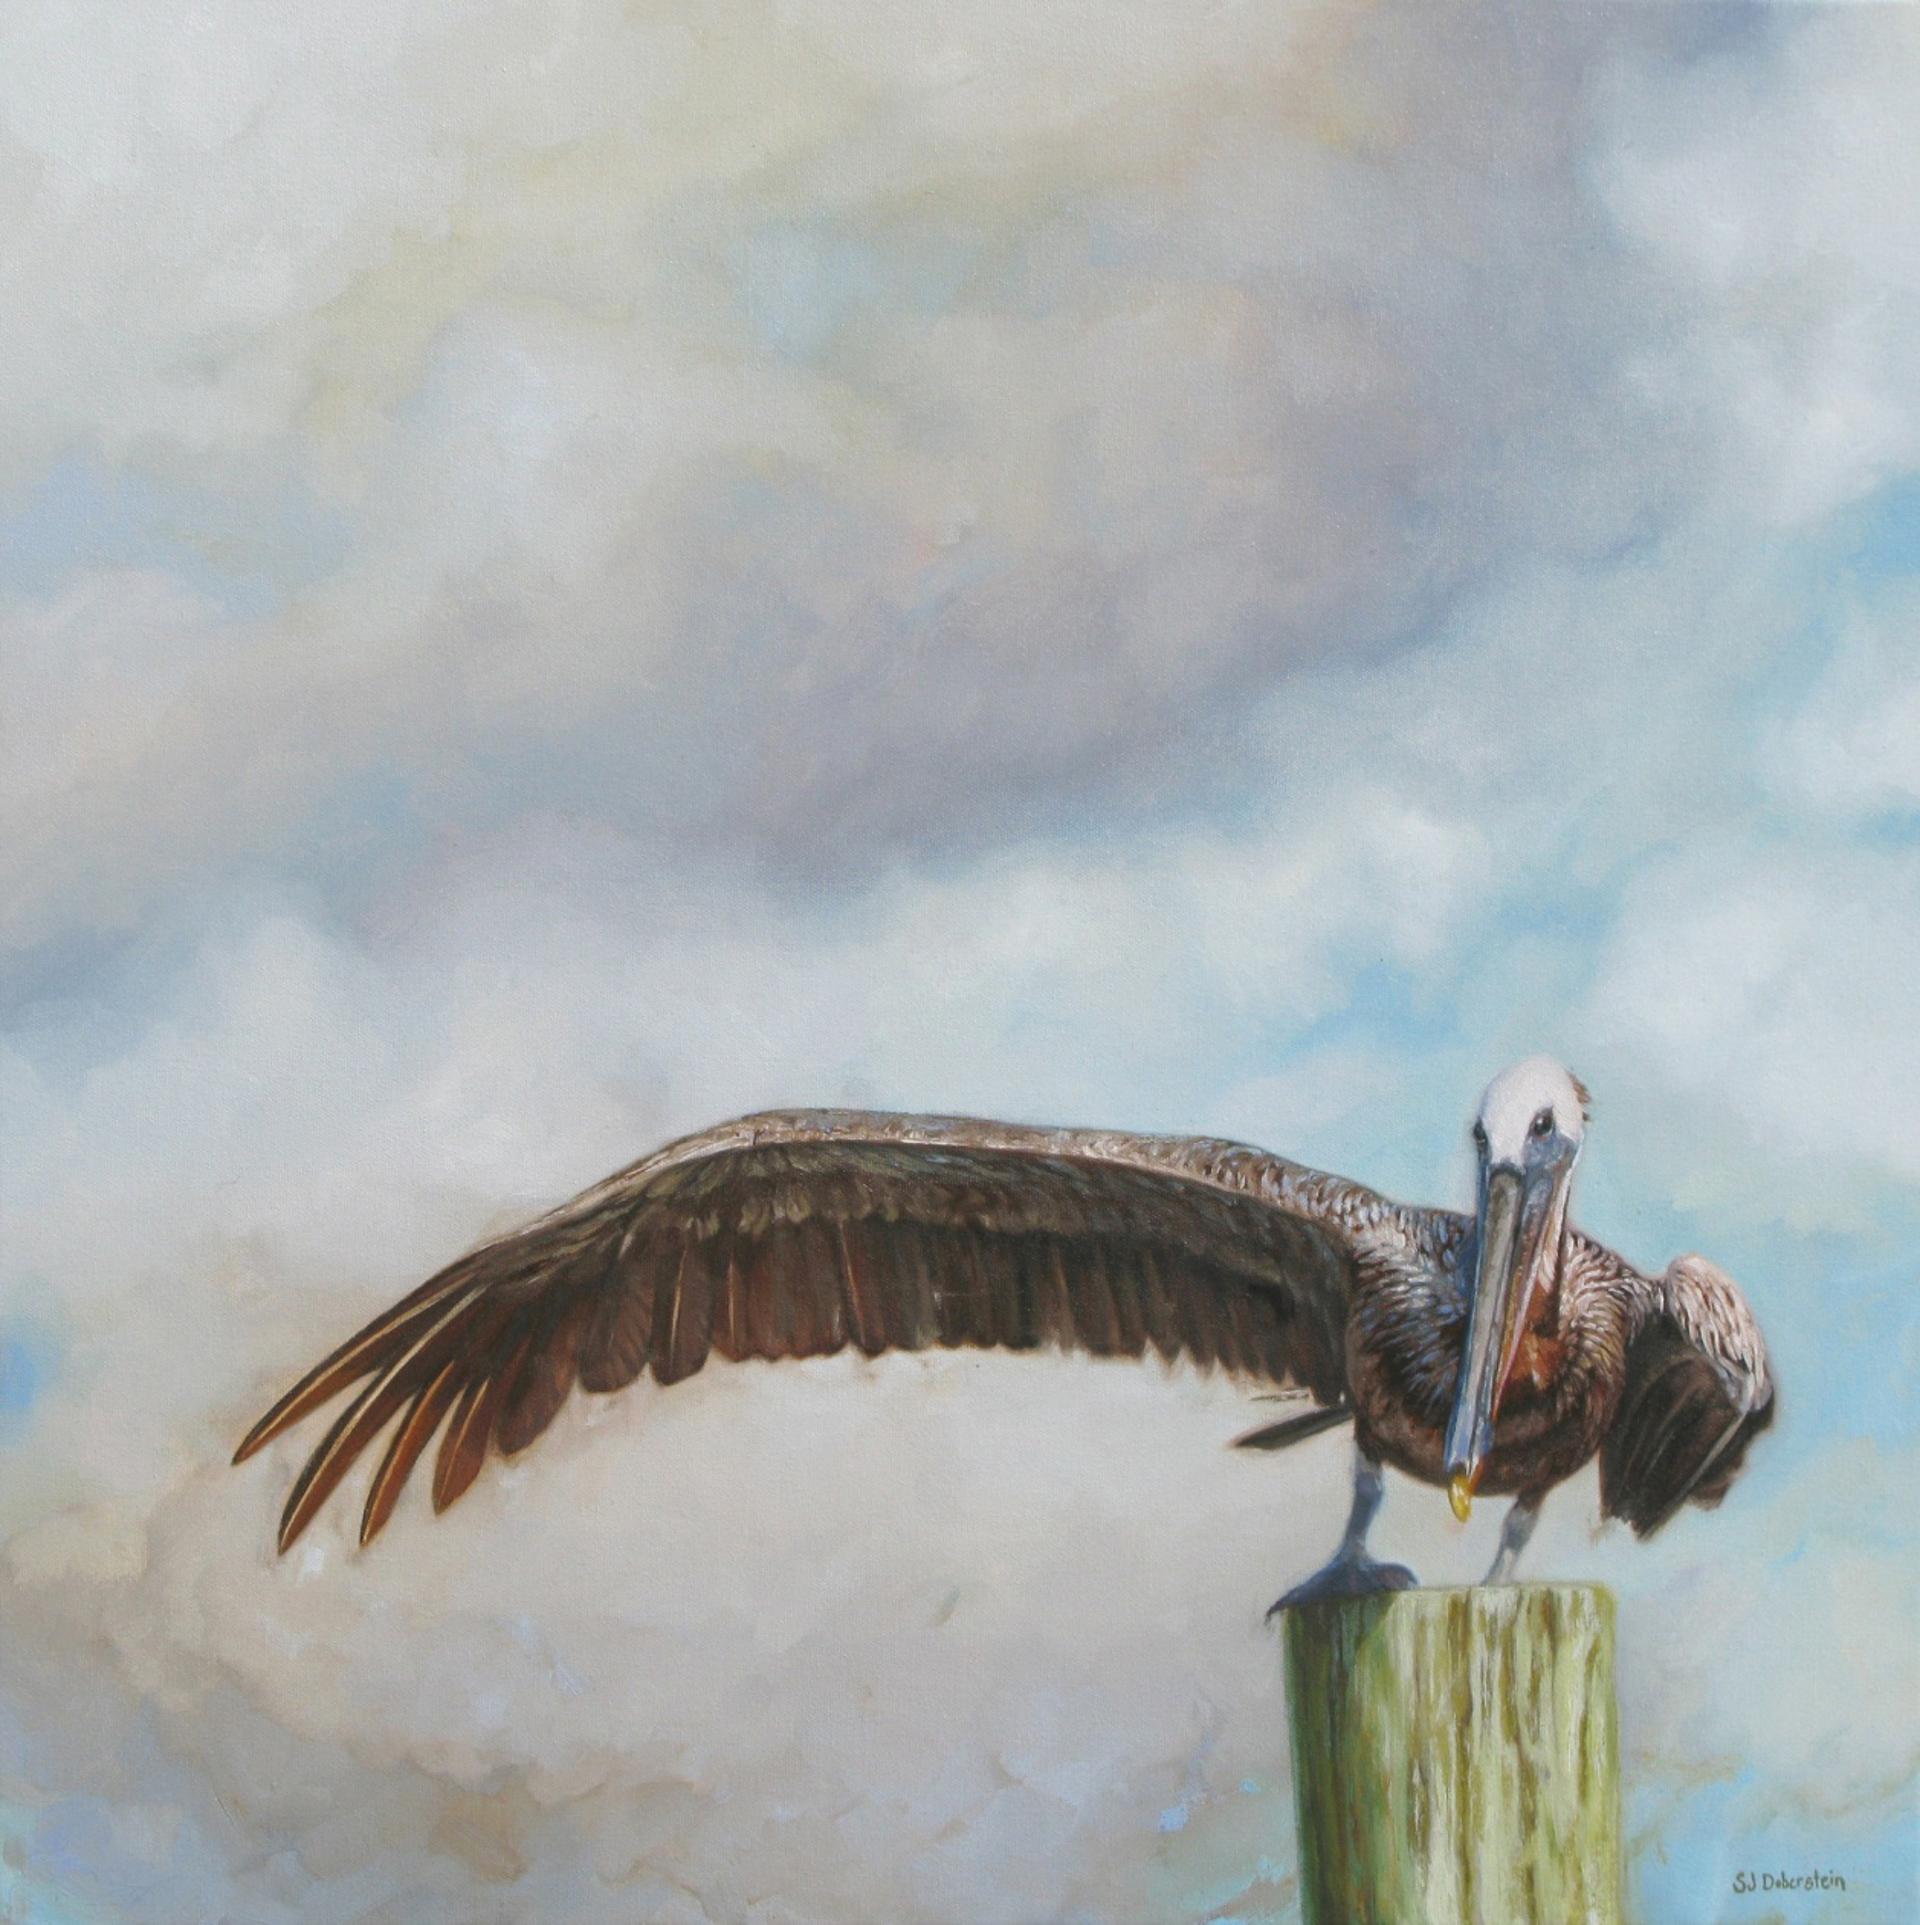 Wingin' It by Sara Jane Doberstein